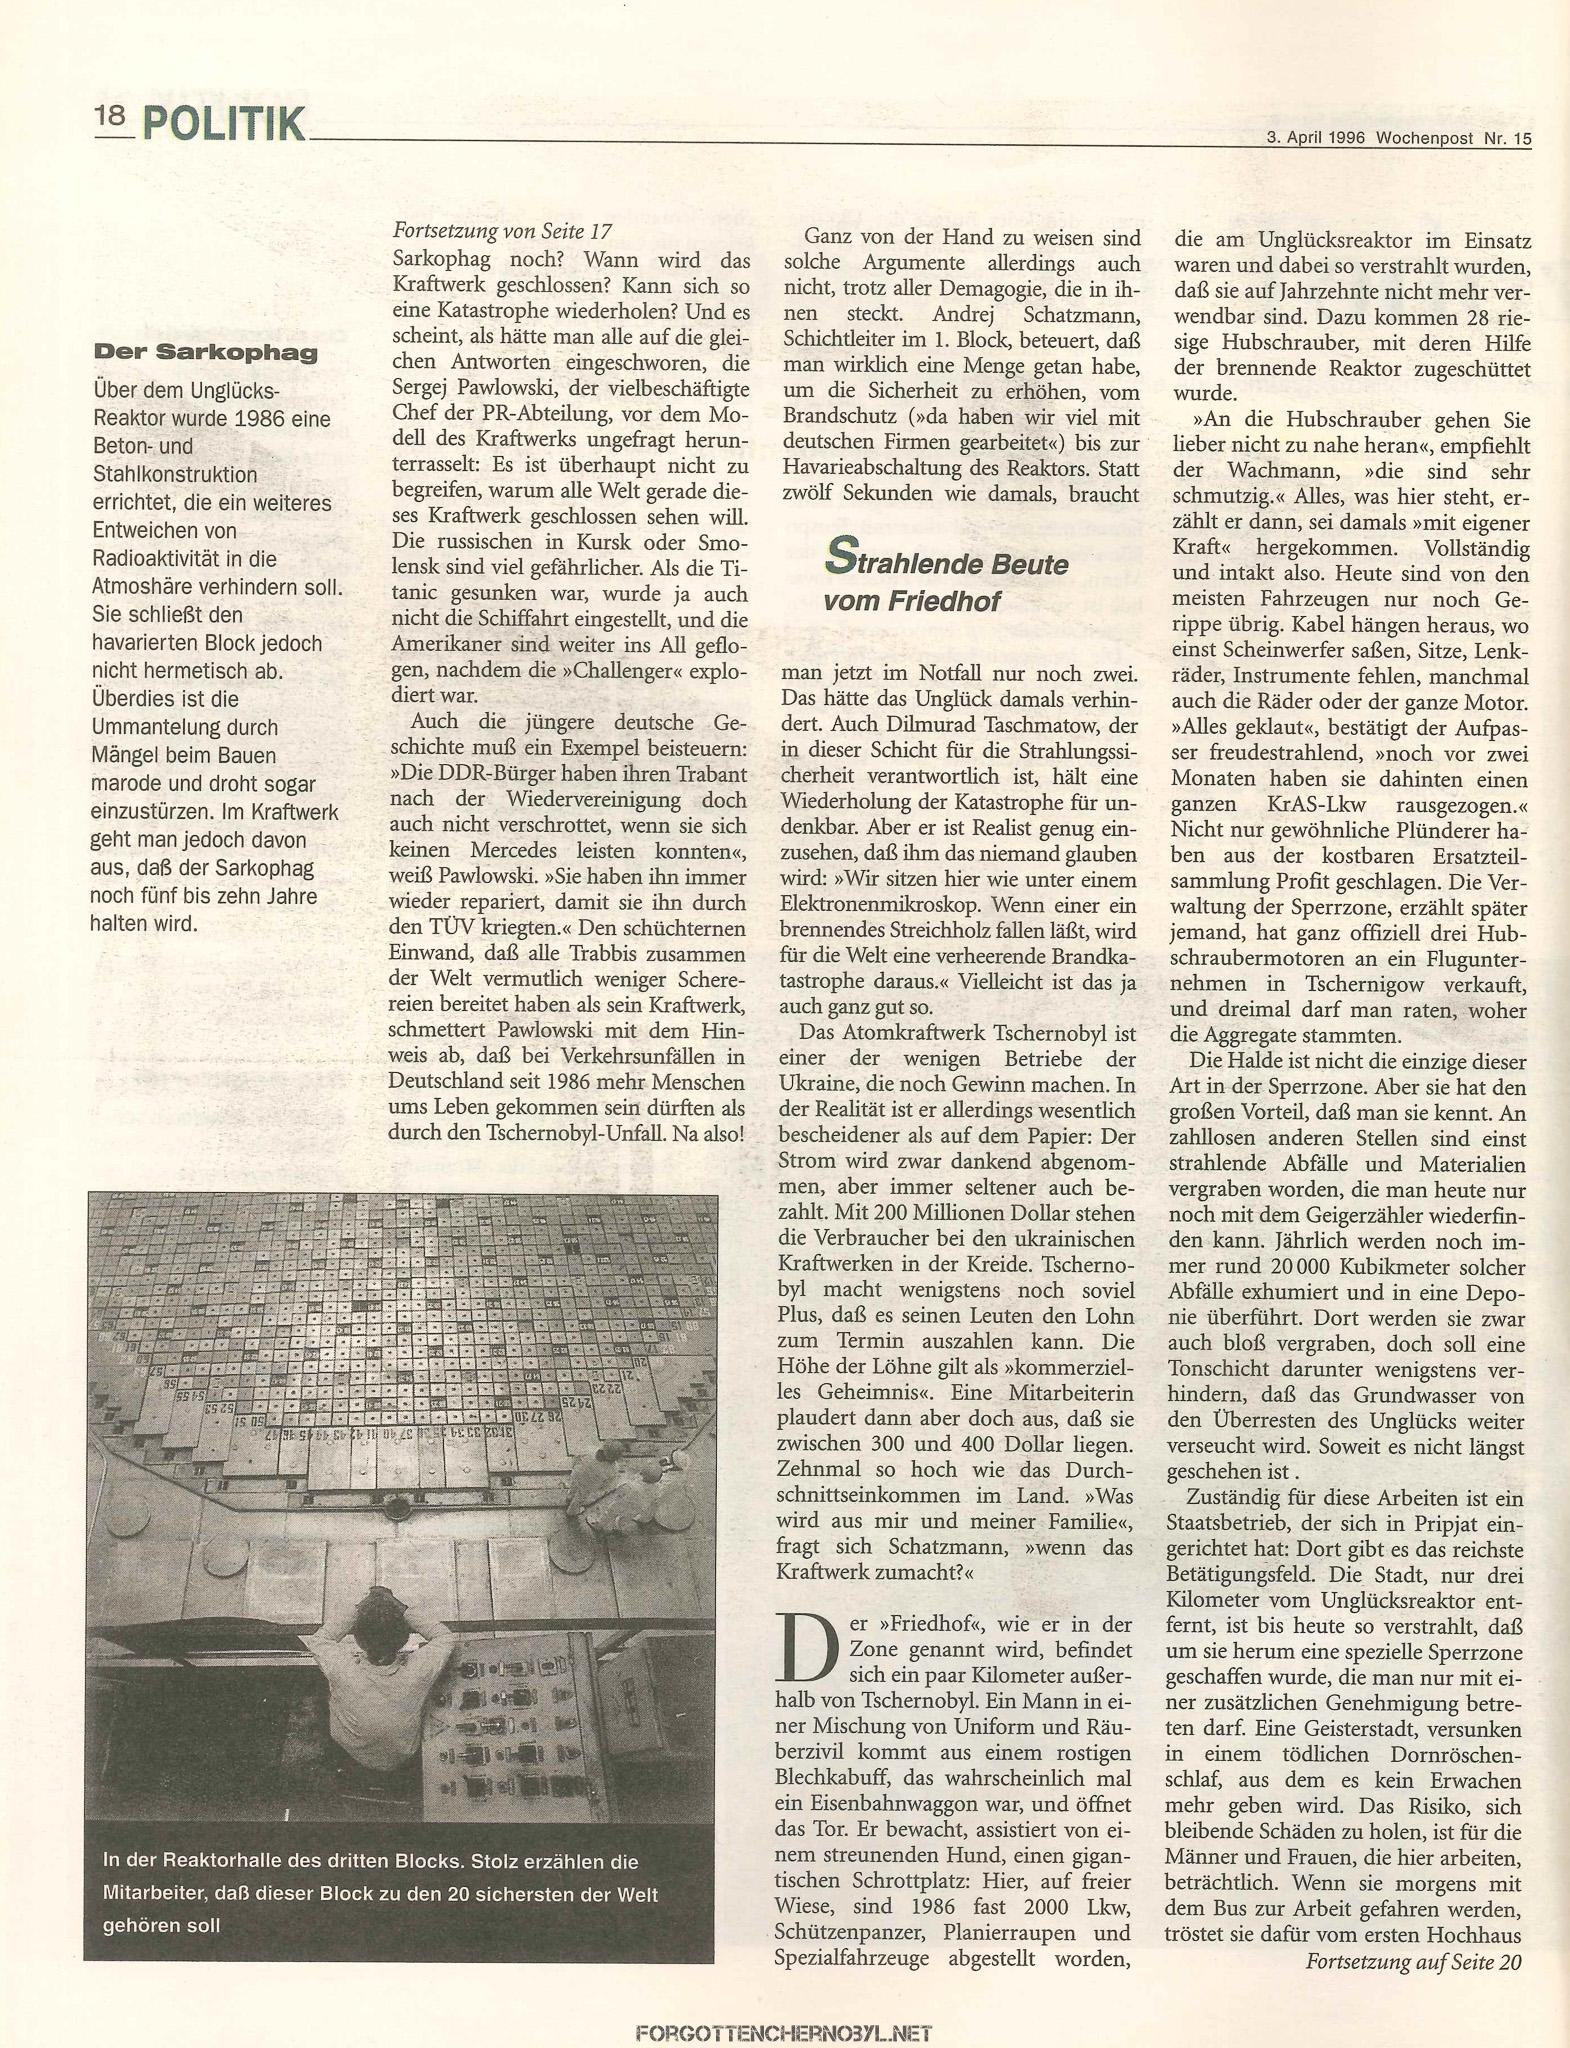 10 Jahre danach Tschernobyl - Wochenpost 3 April 1996